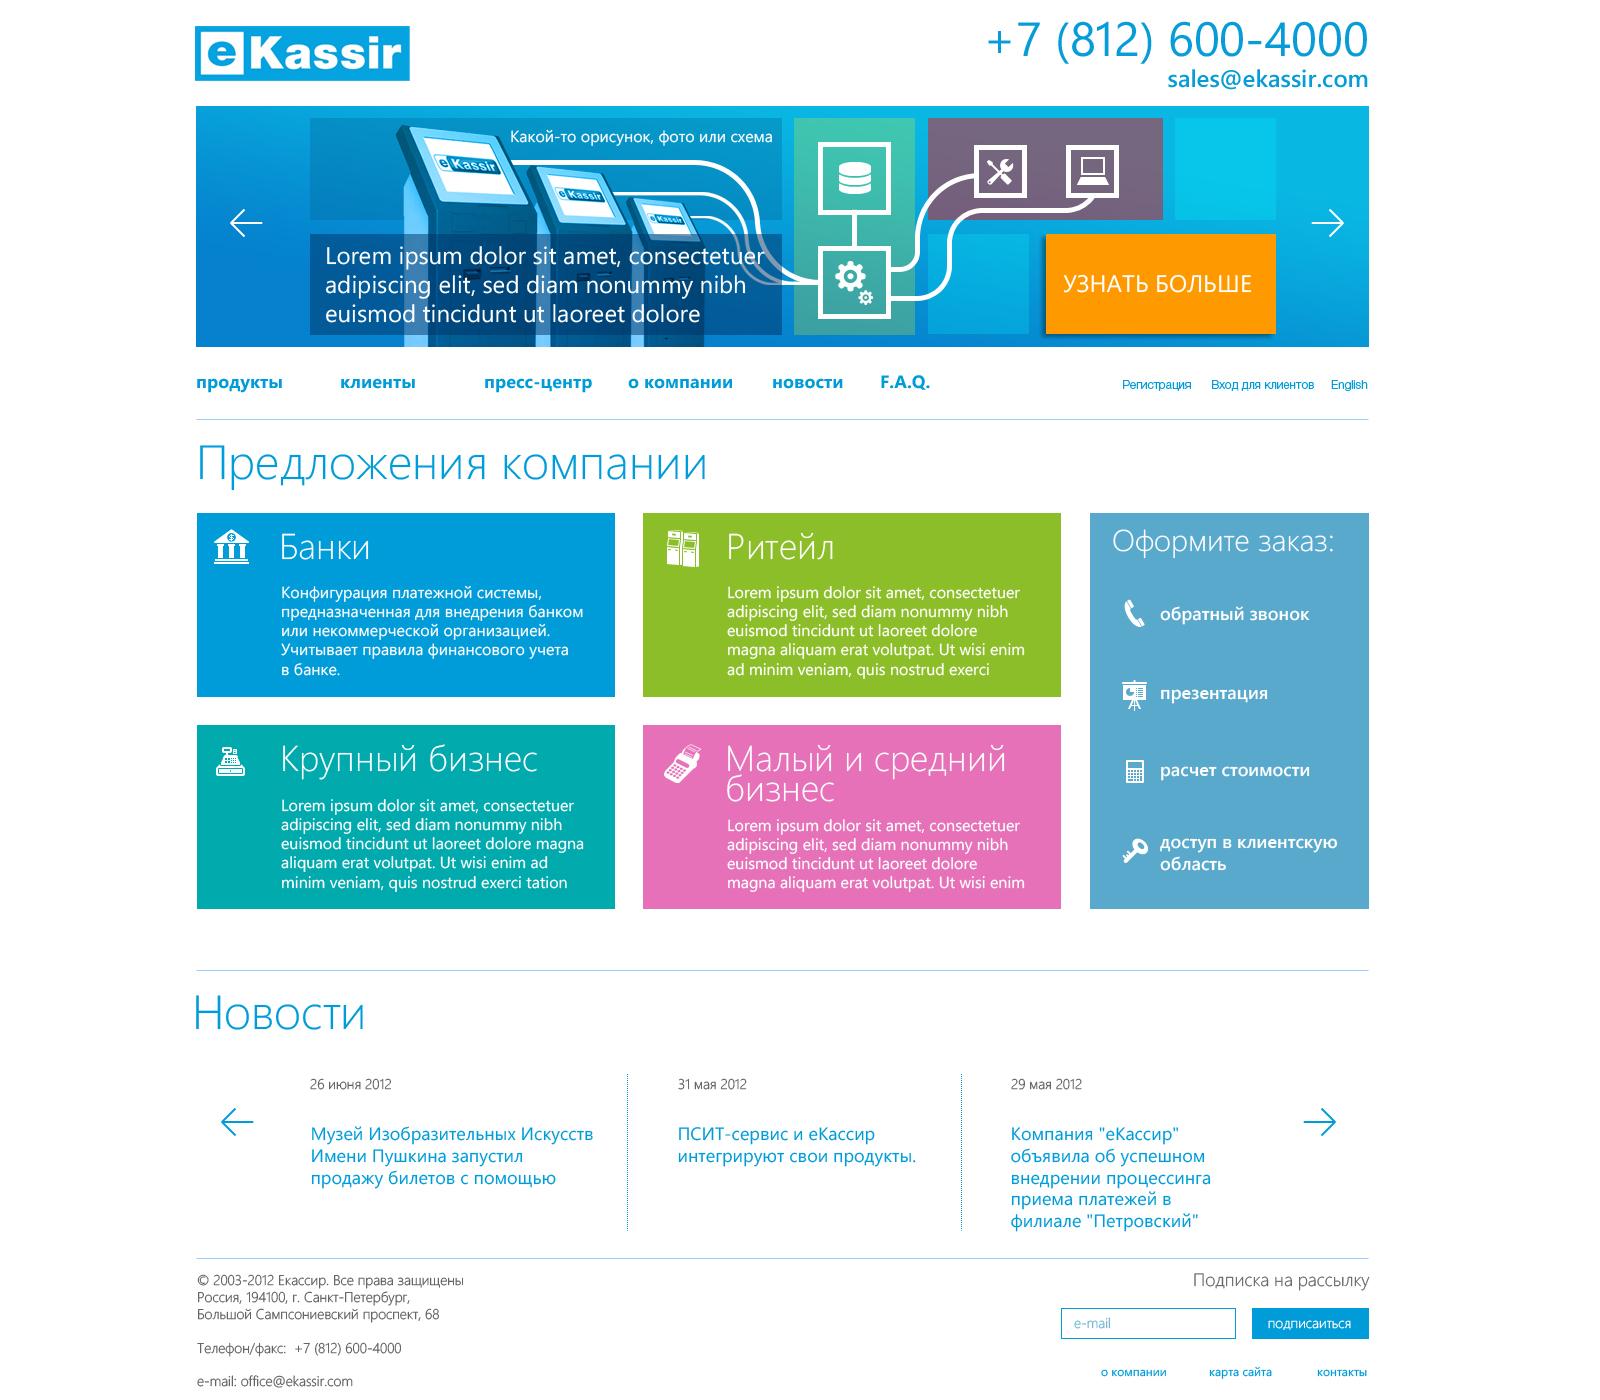 вариант дизайна сайта компании еКассир